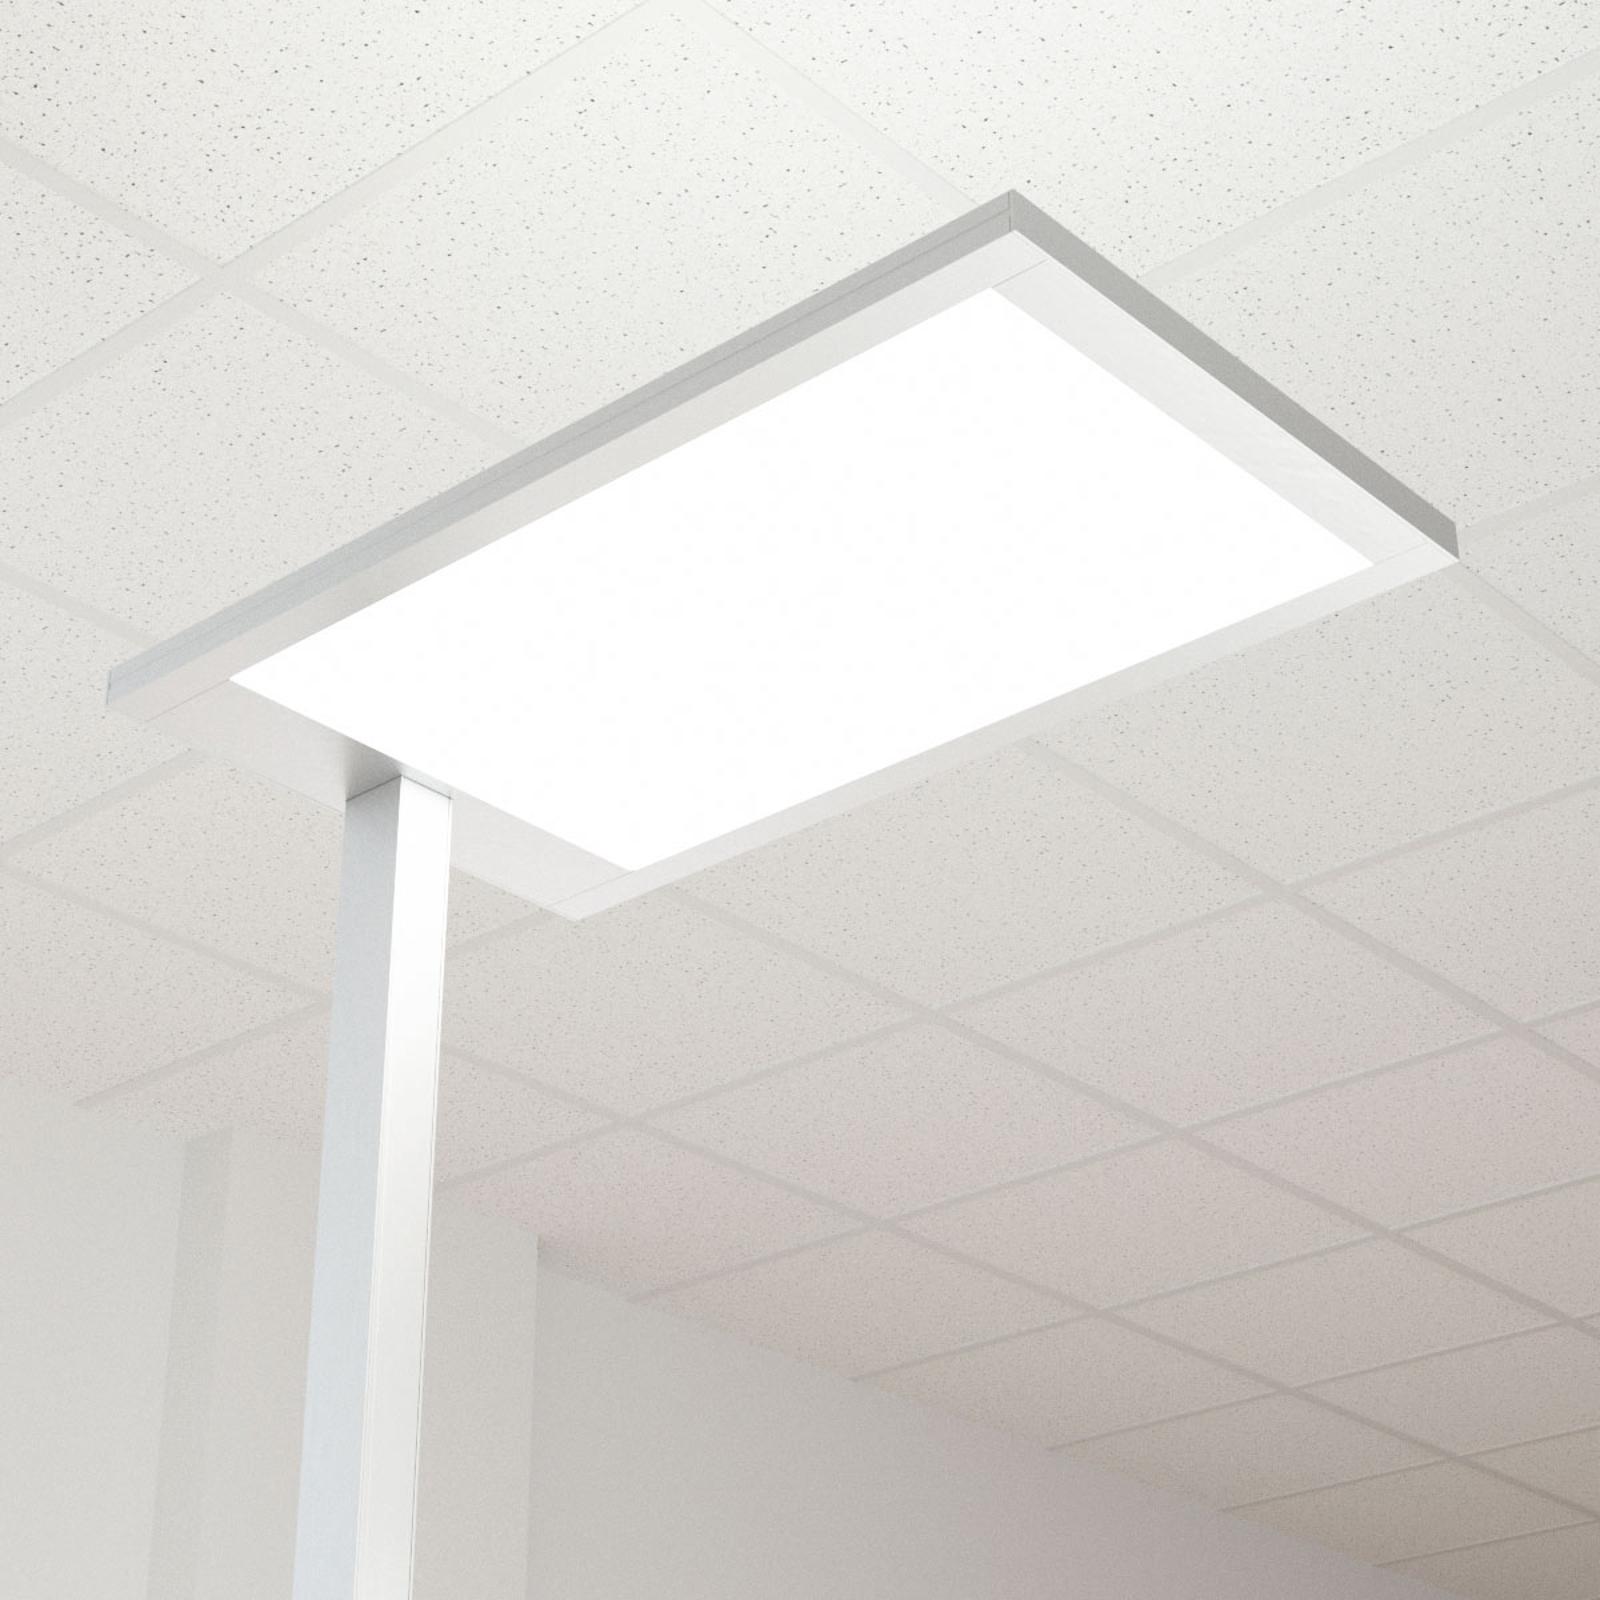 LED vloerlamp Javier, dimmer, direct-indirect